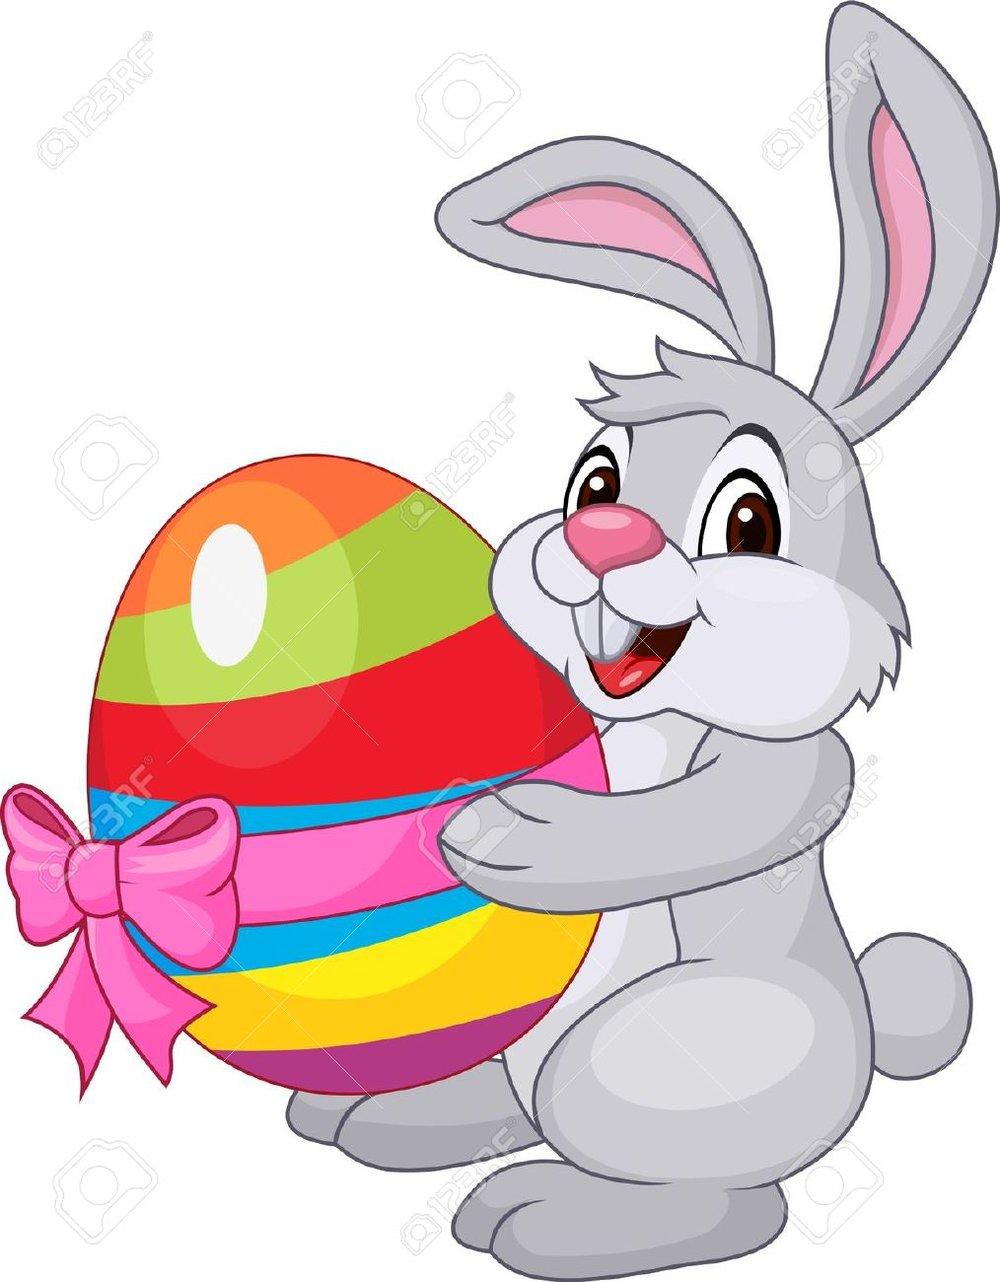 rabbit-with-easter-egg-.jpg